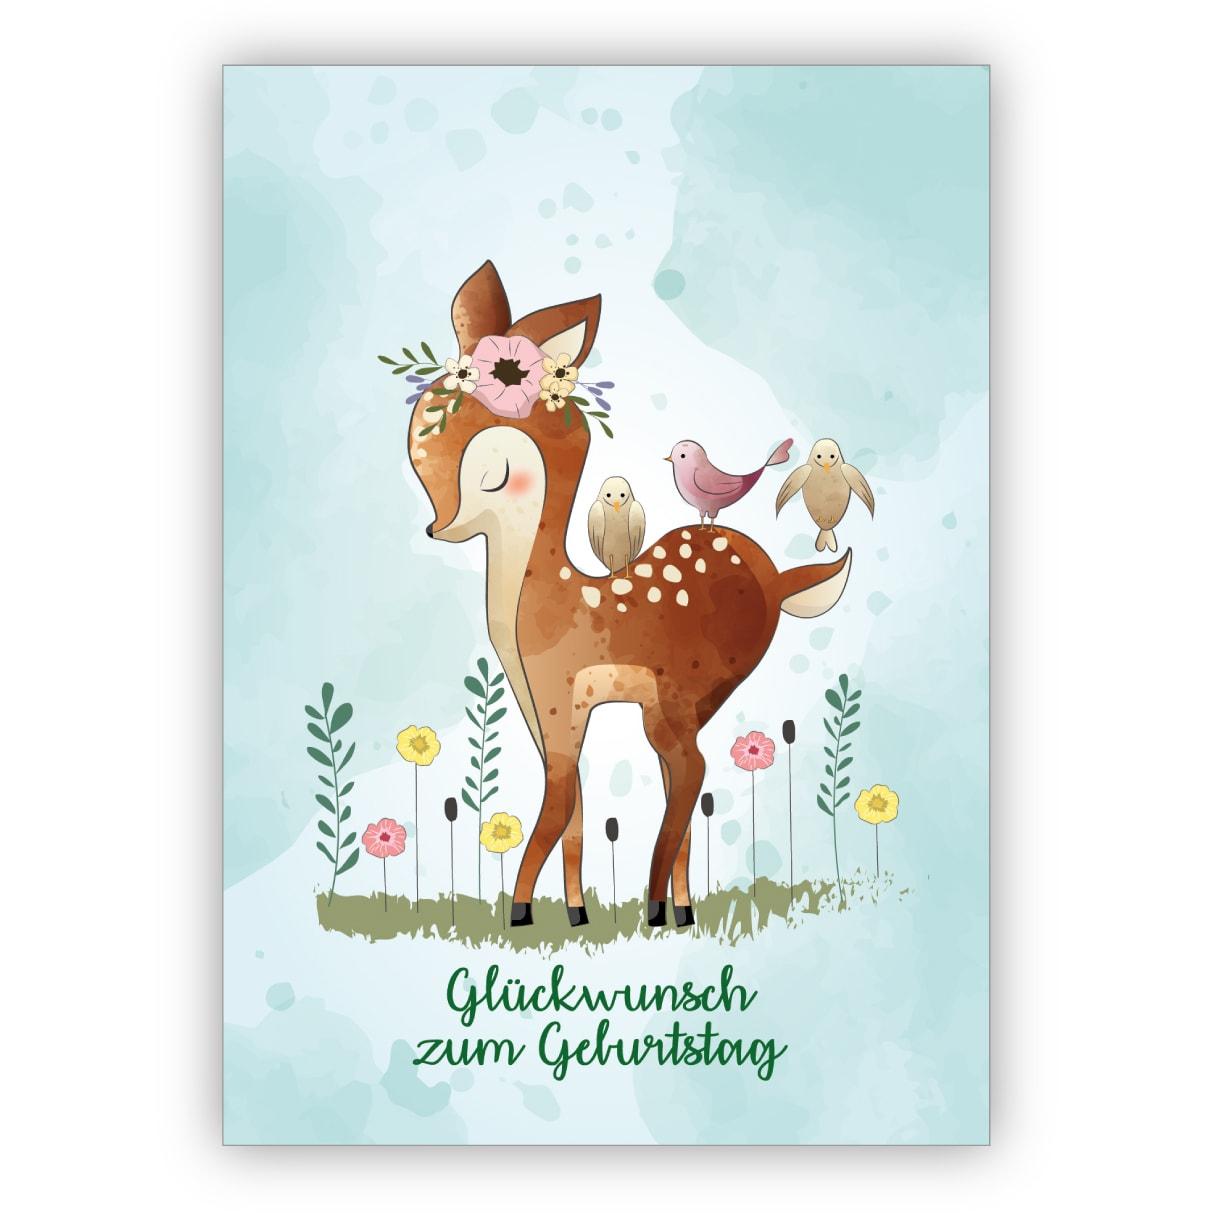 Romantische Geburtstagskarte Mit Bambi & Vögeln: Glückwunsch Zum Geburtstag  Für Freunde & Familie mit Geburtstagskarte Geburtstag